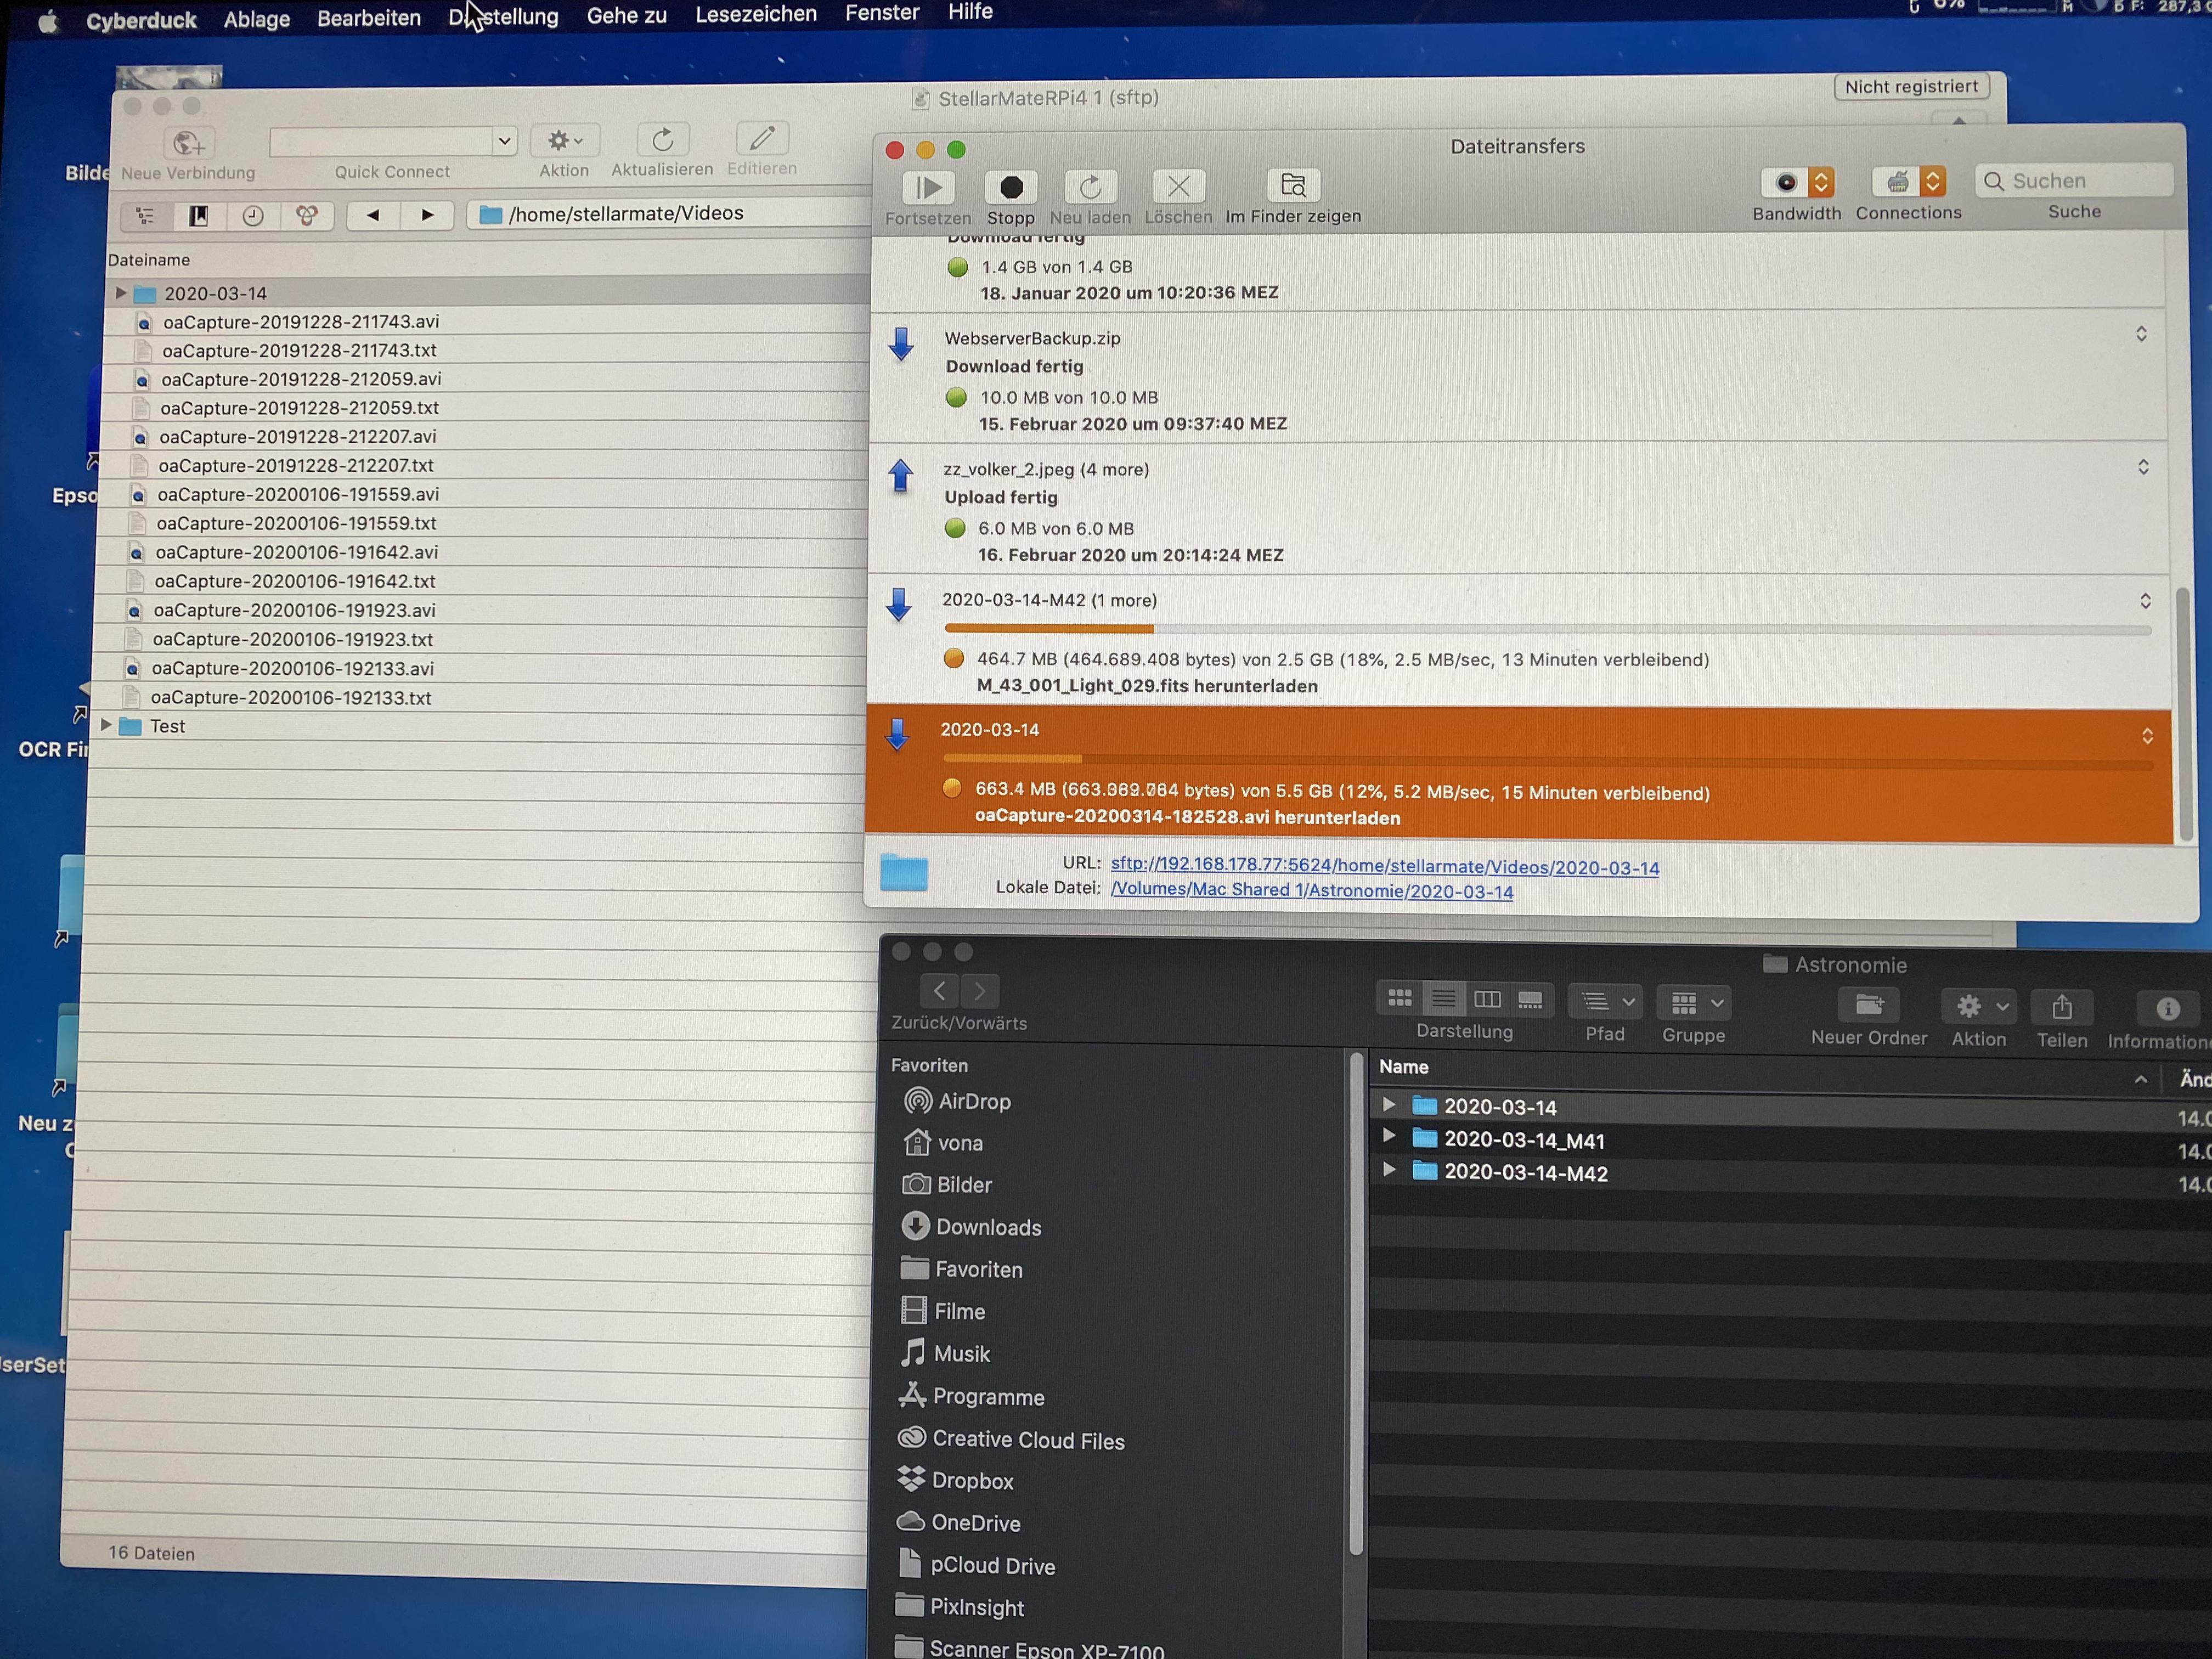 Dateien werden auf den Desktoprechner heruntergeladen